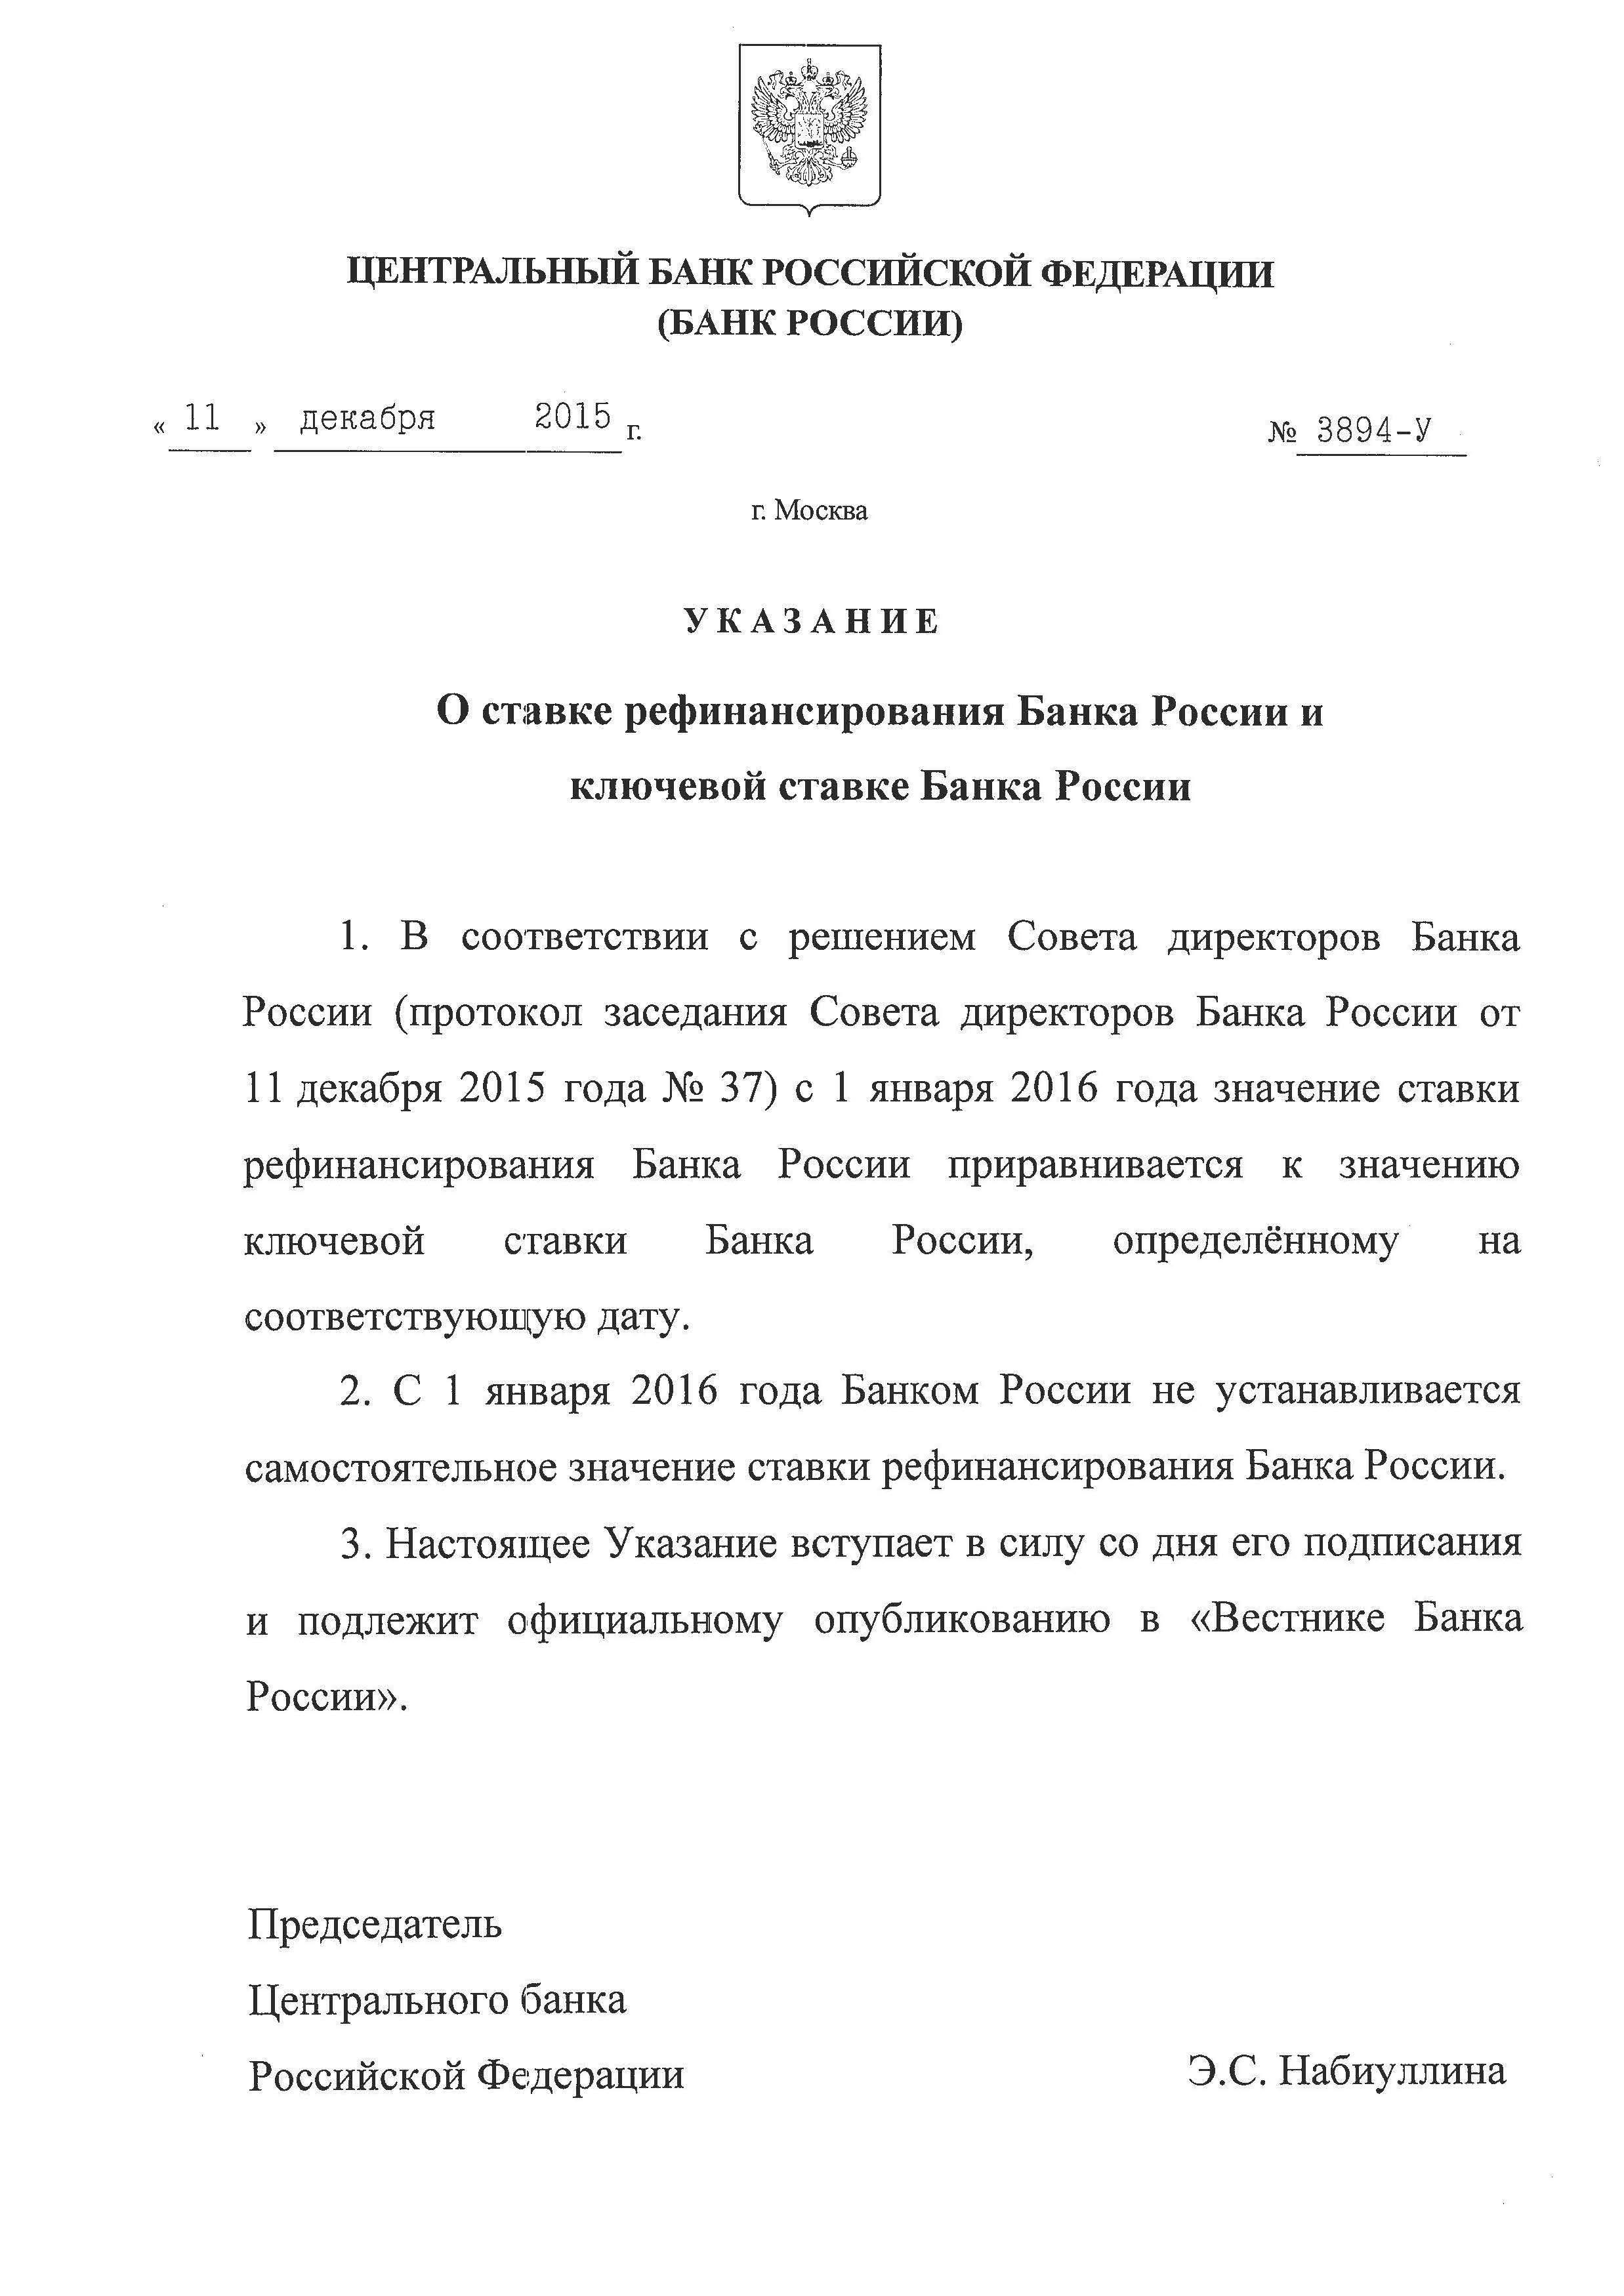 Трудовой договор особенности режима внешний совместитель не более часов в месяц